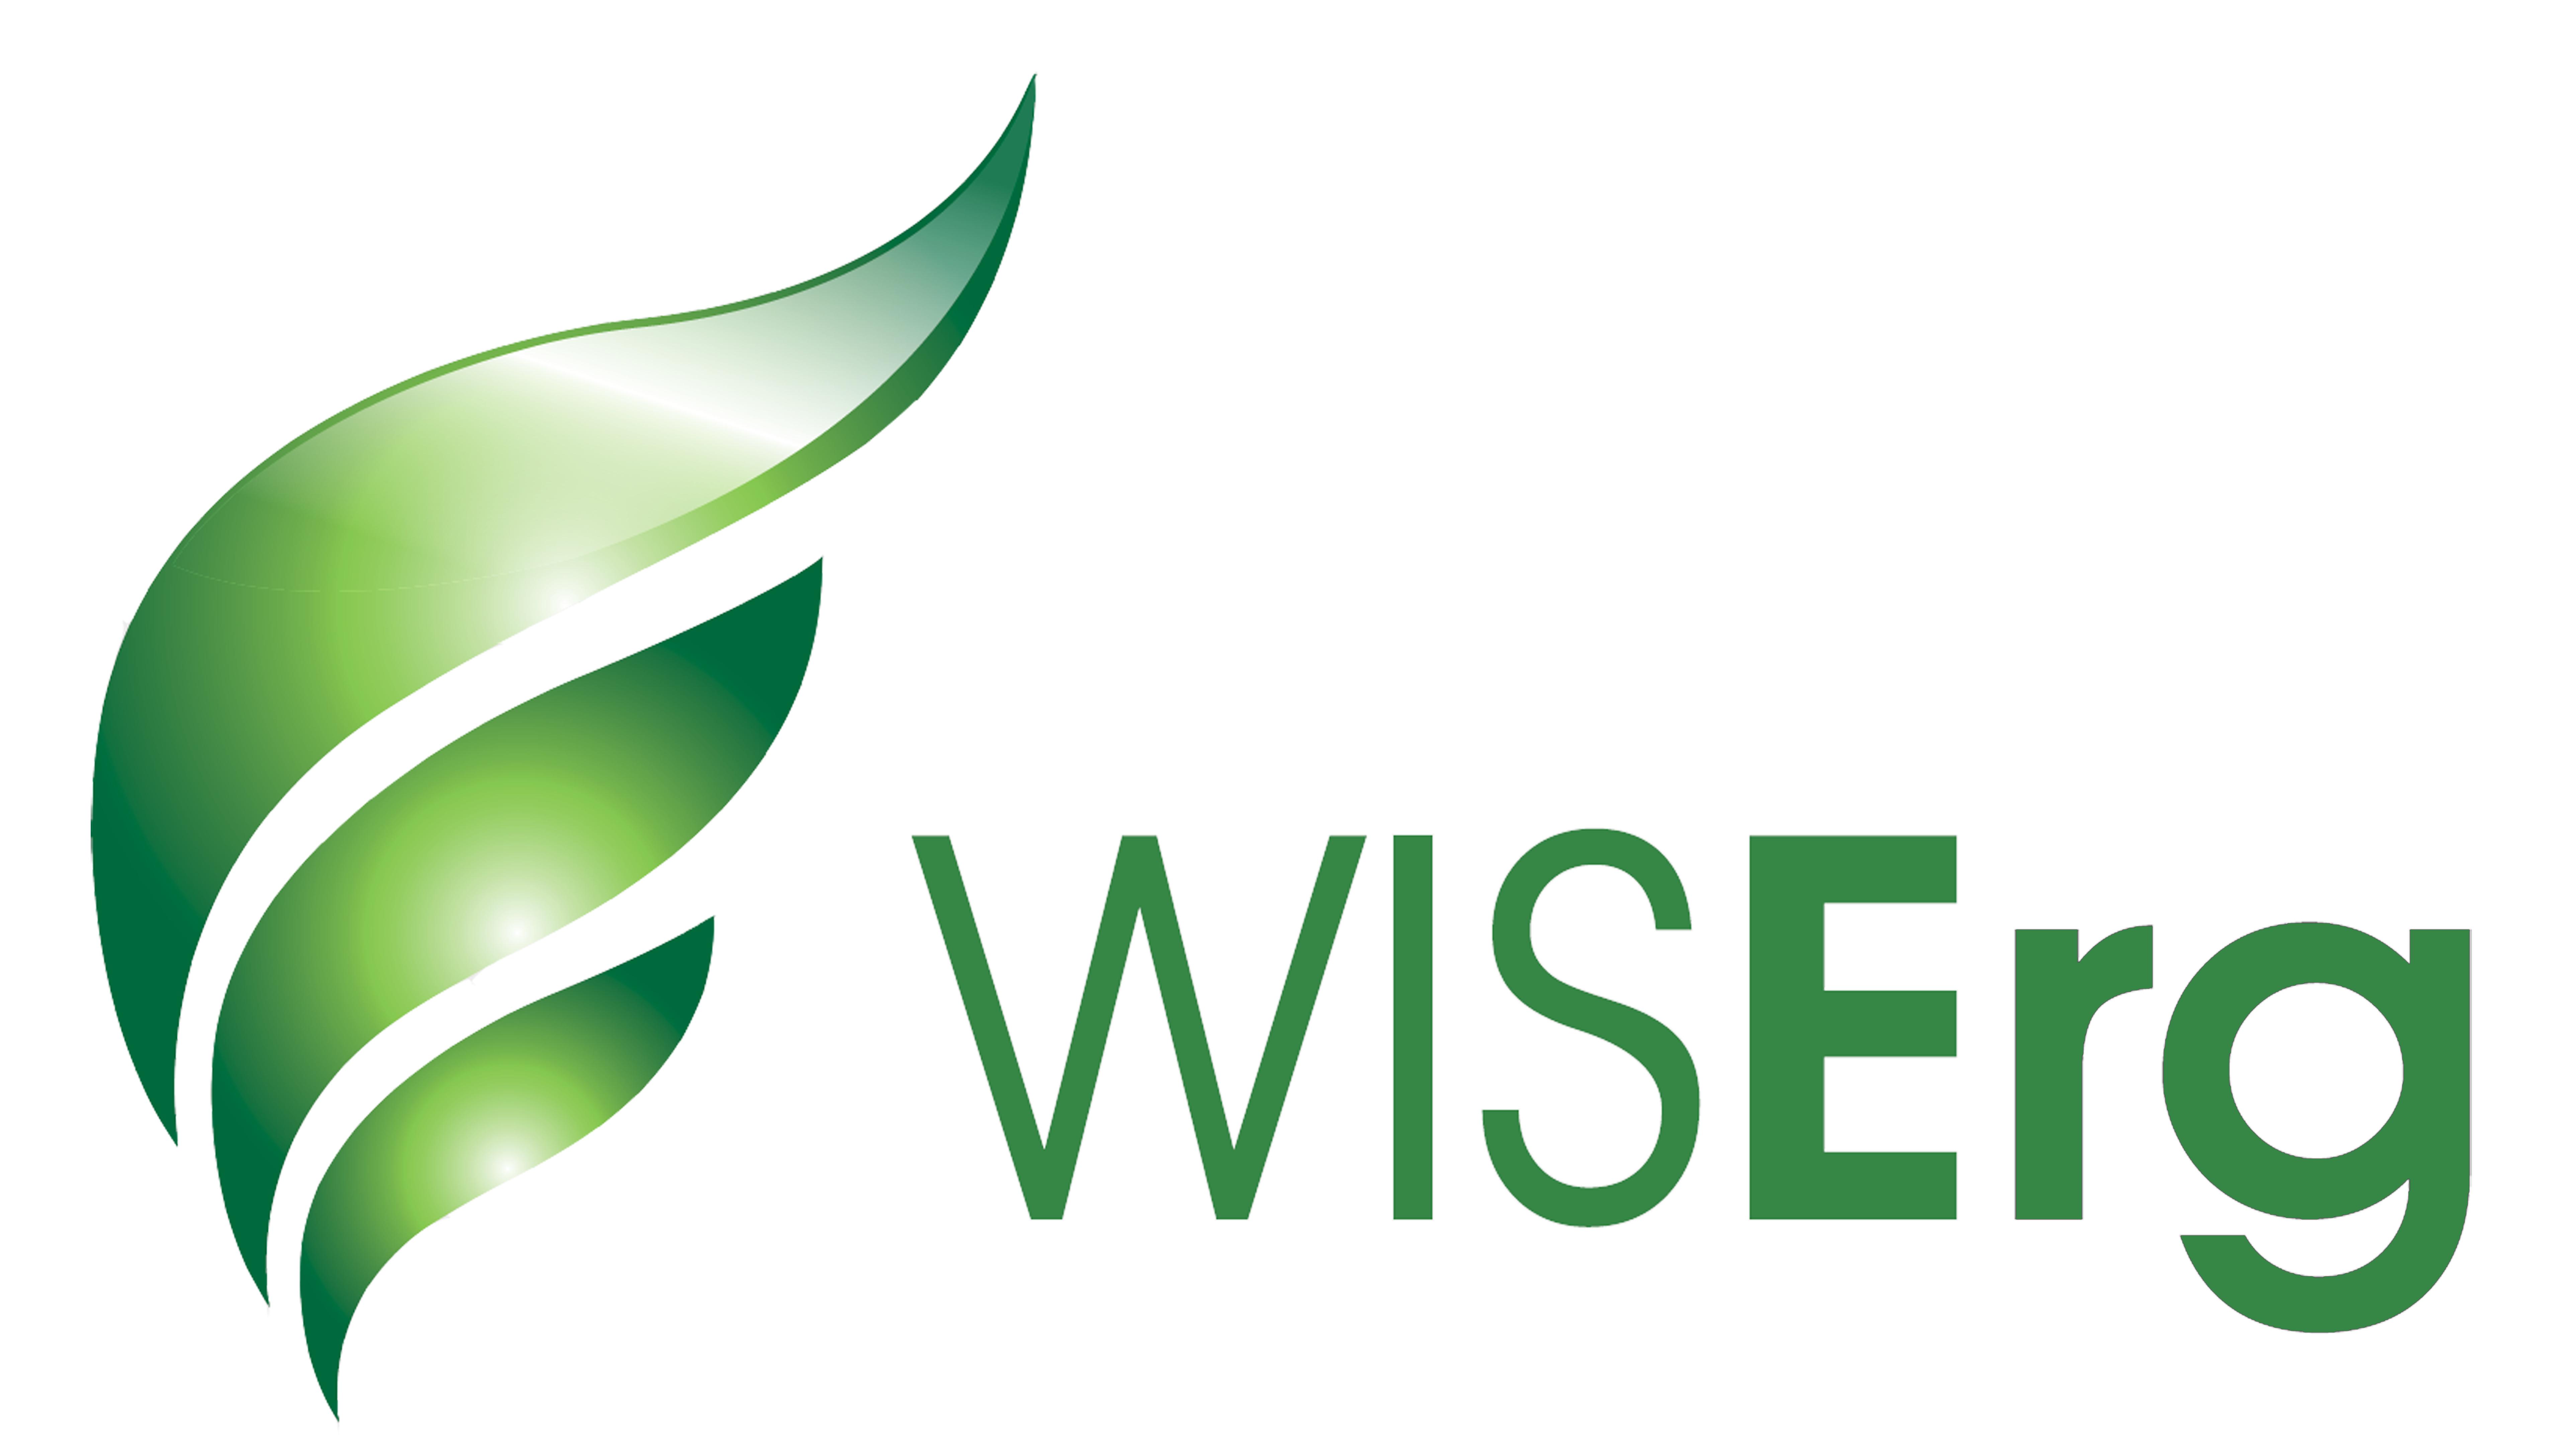 wiserg food waste